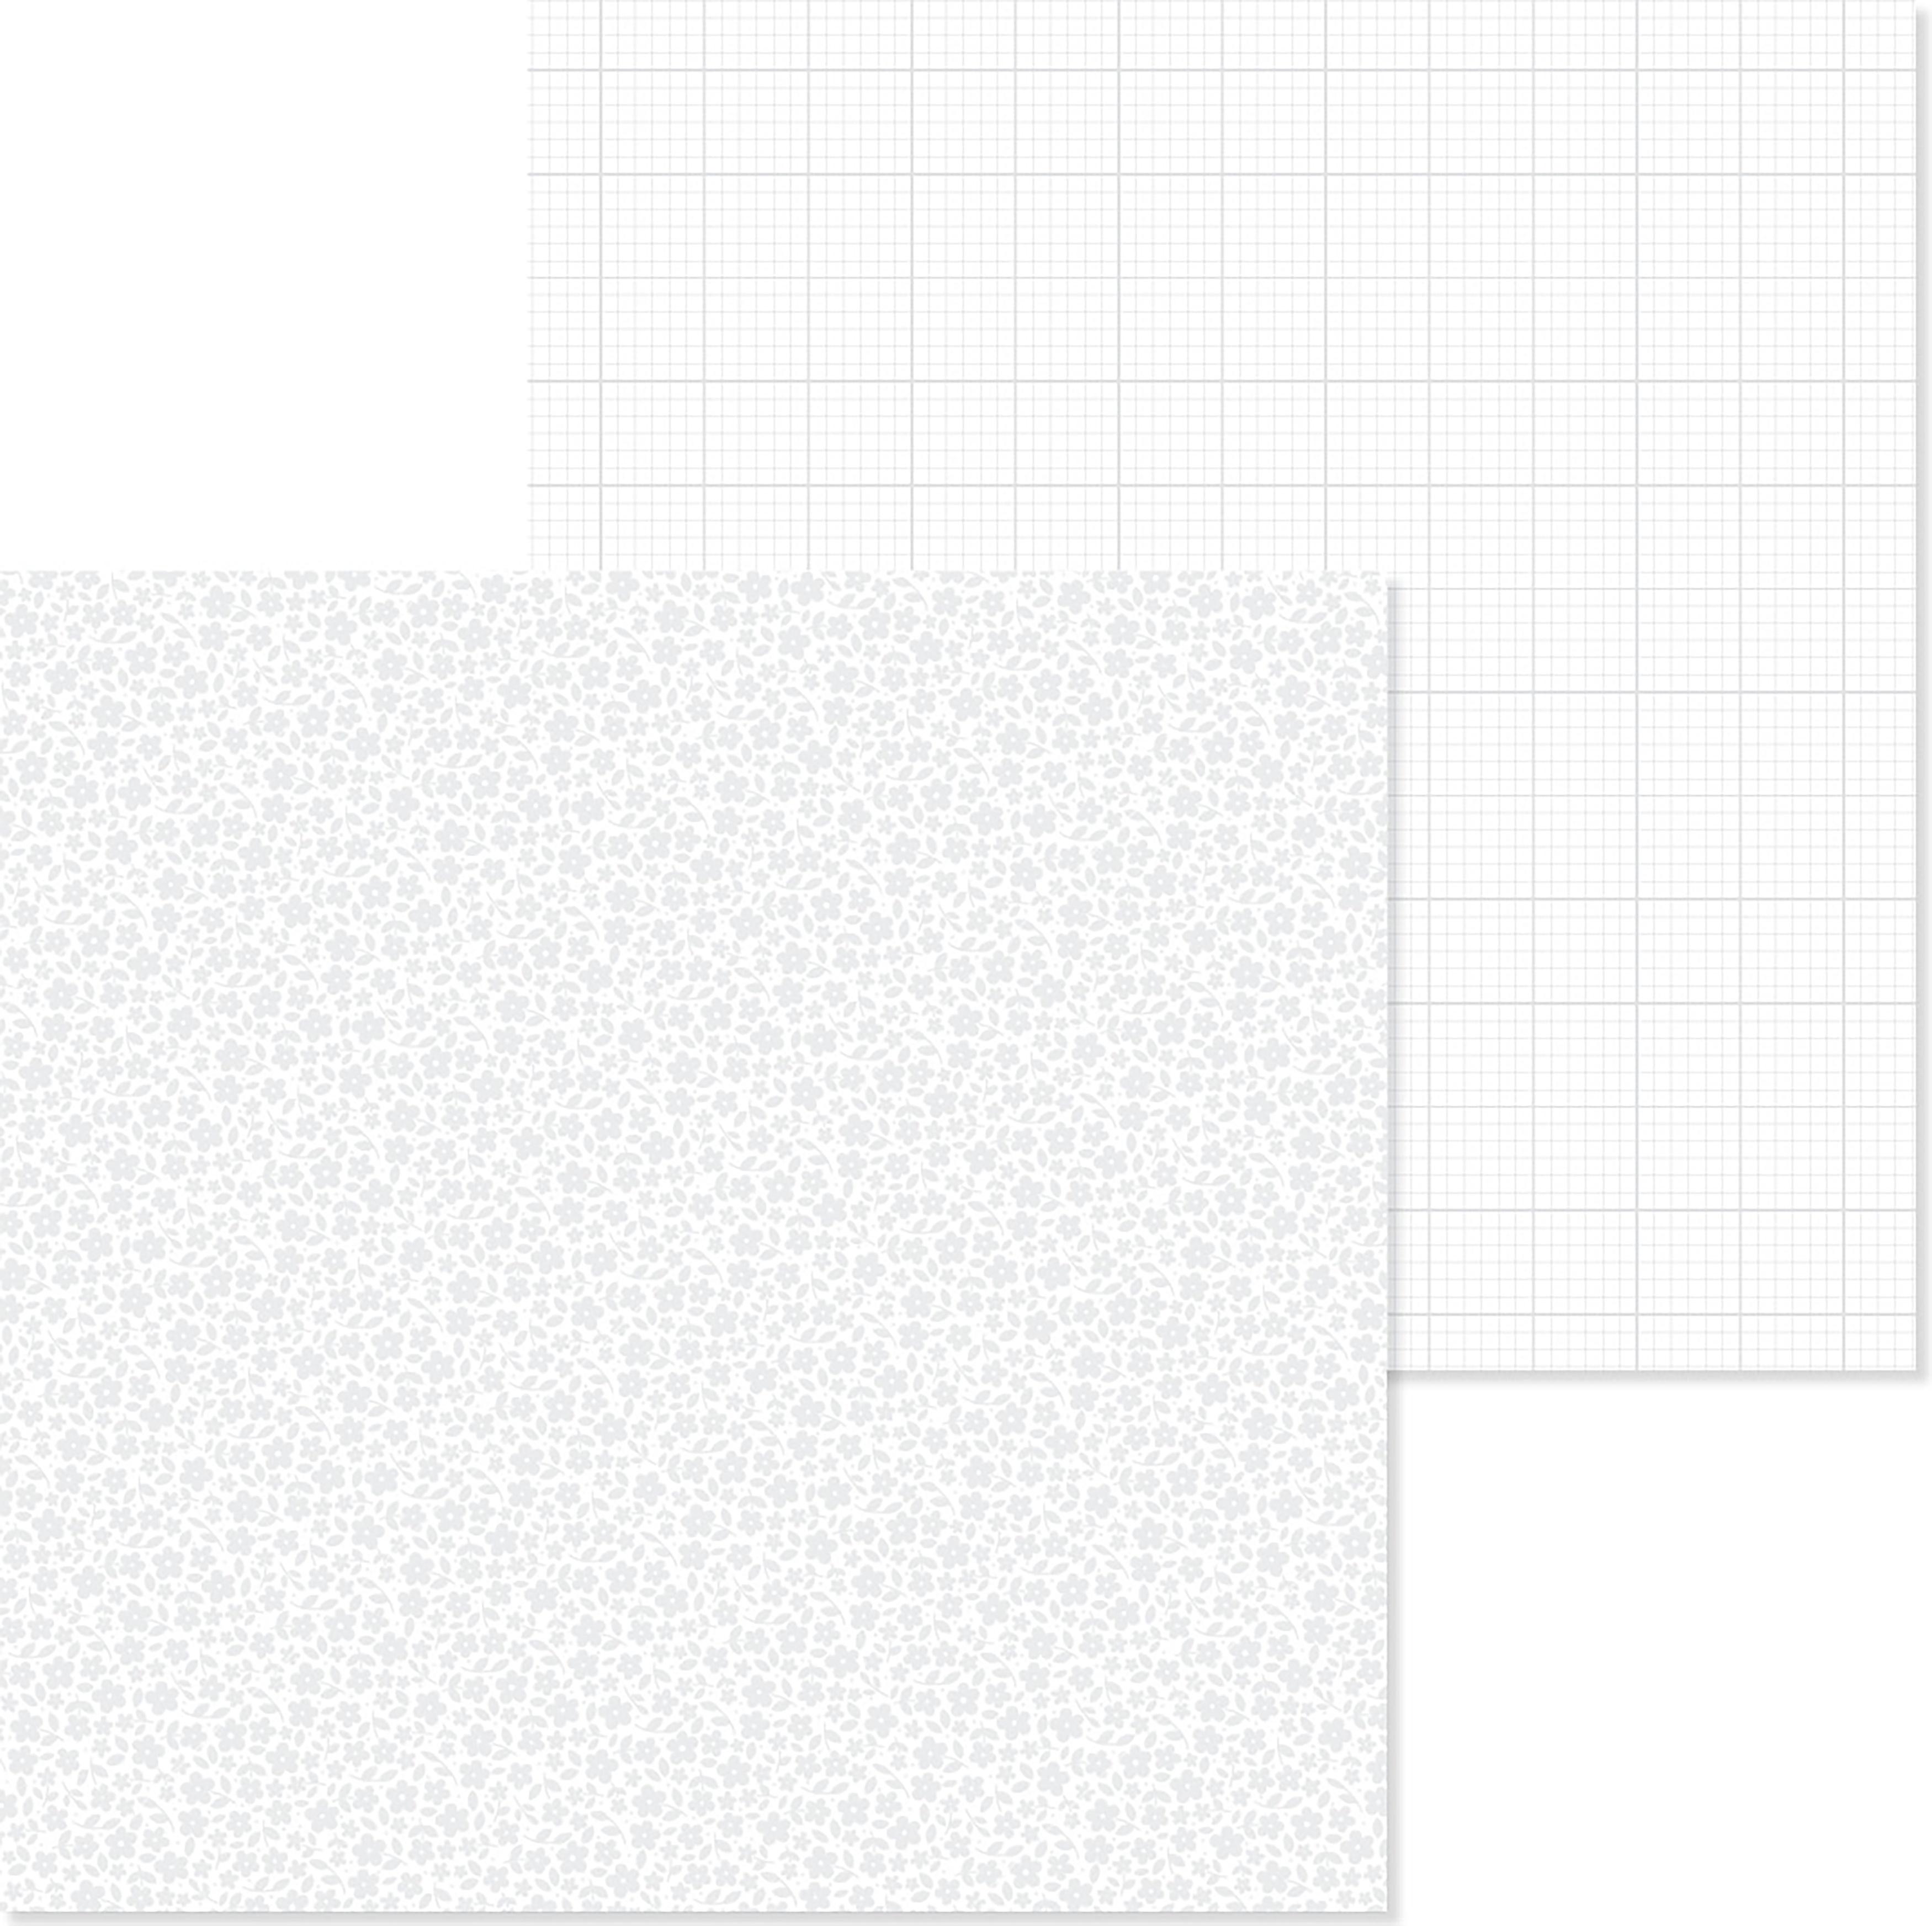 PPR - PETITE PRINT FLORAL GRAPH LILY WHITE